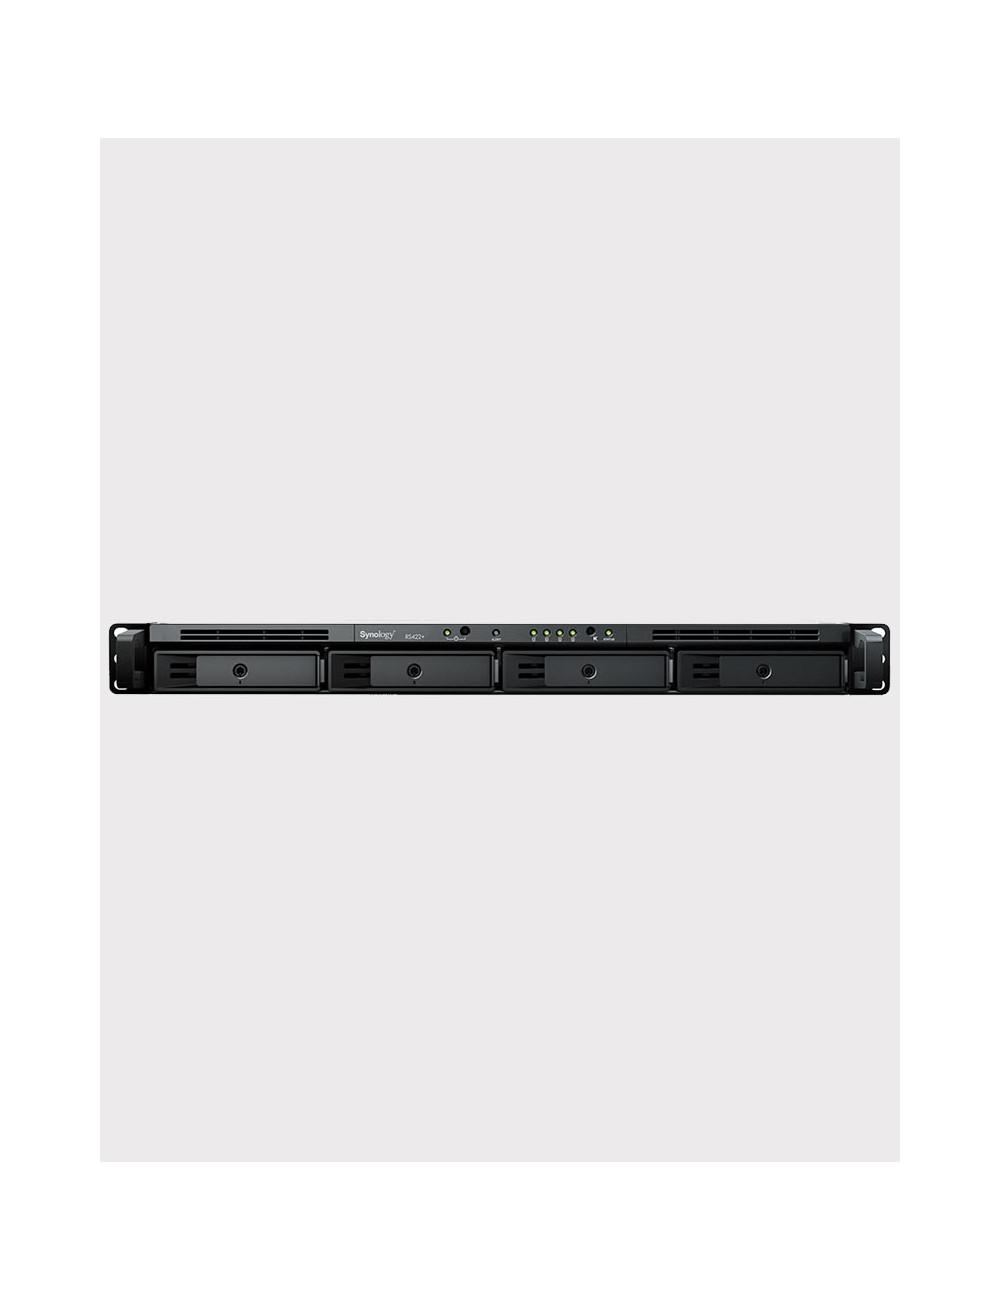 Pack 105 BAL ZIMBRA PRO + 1 Domaine .FR - 1 an